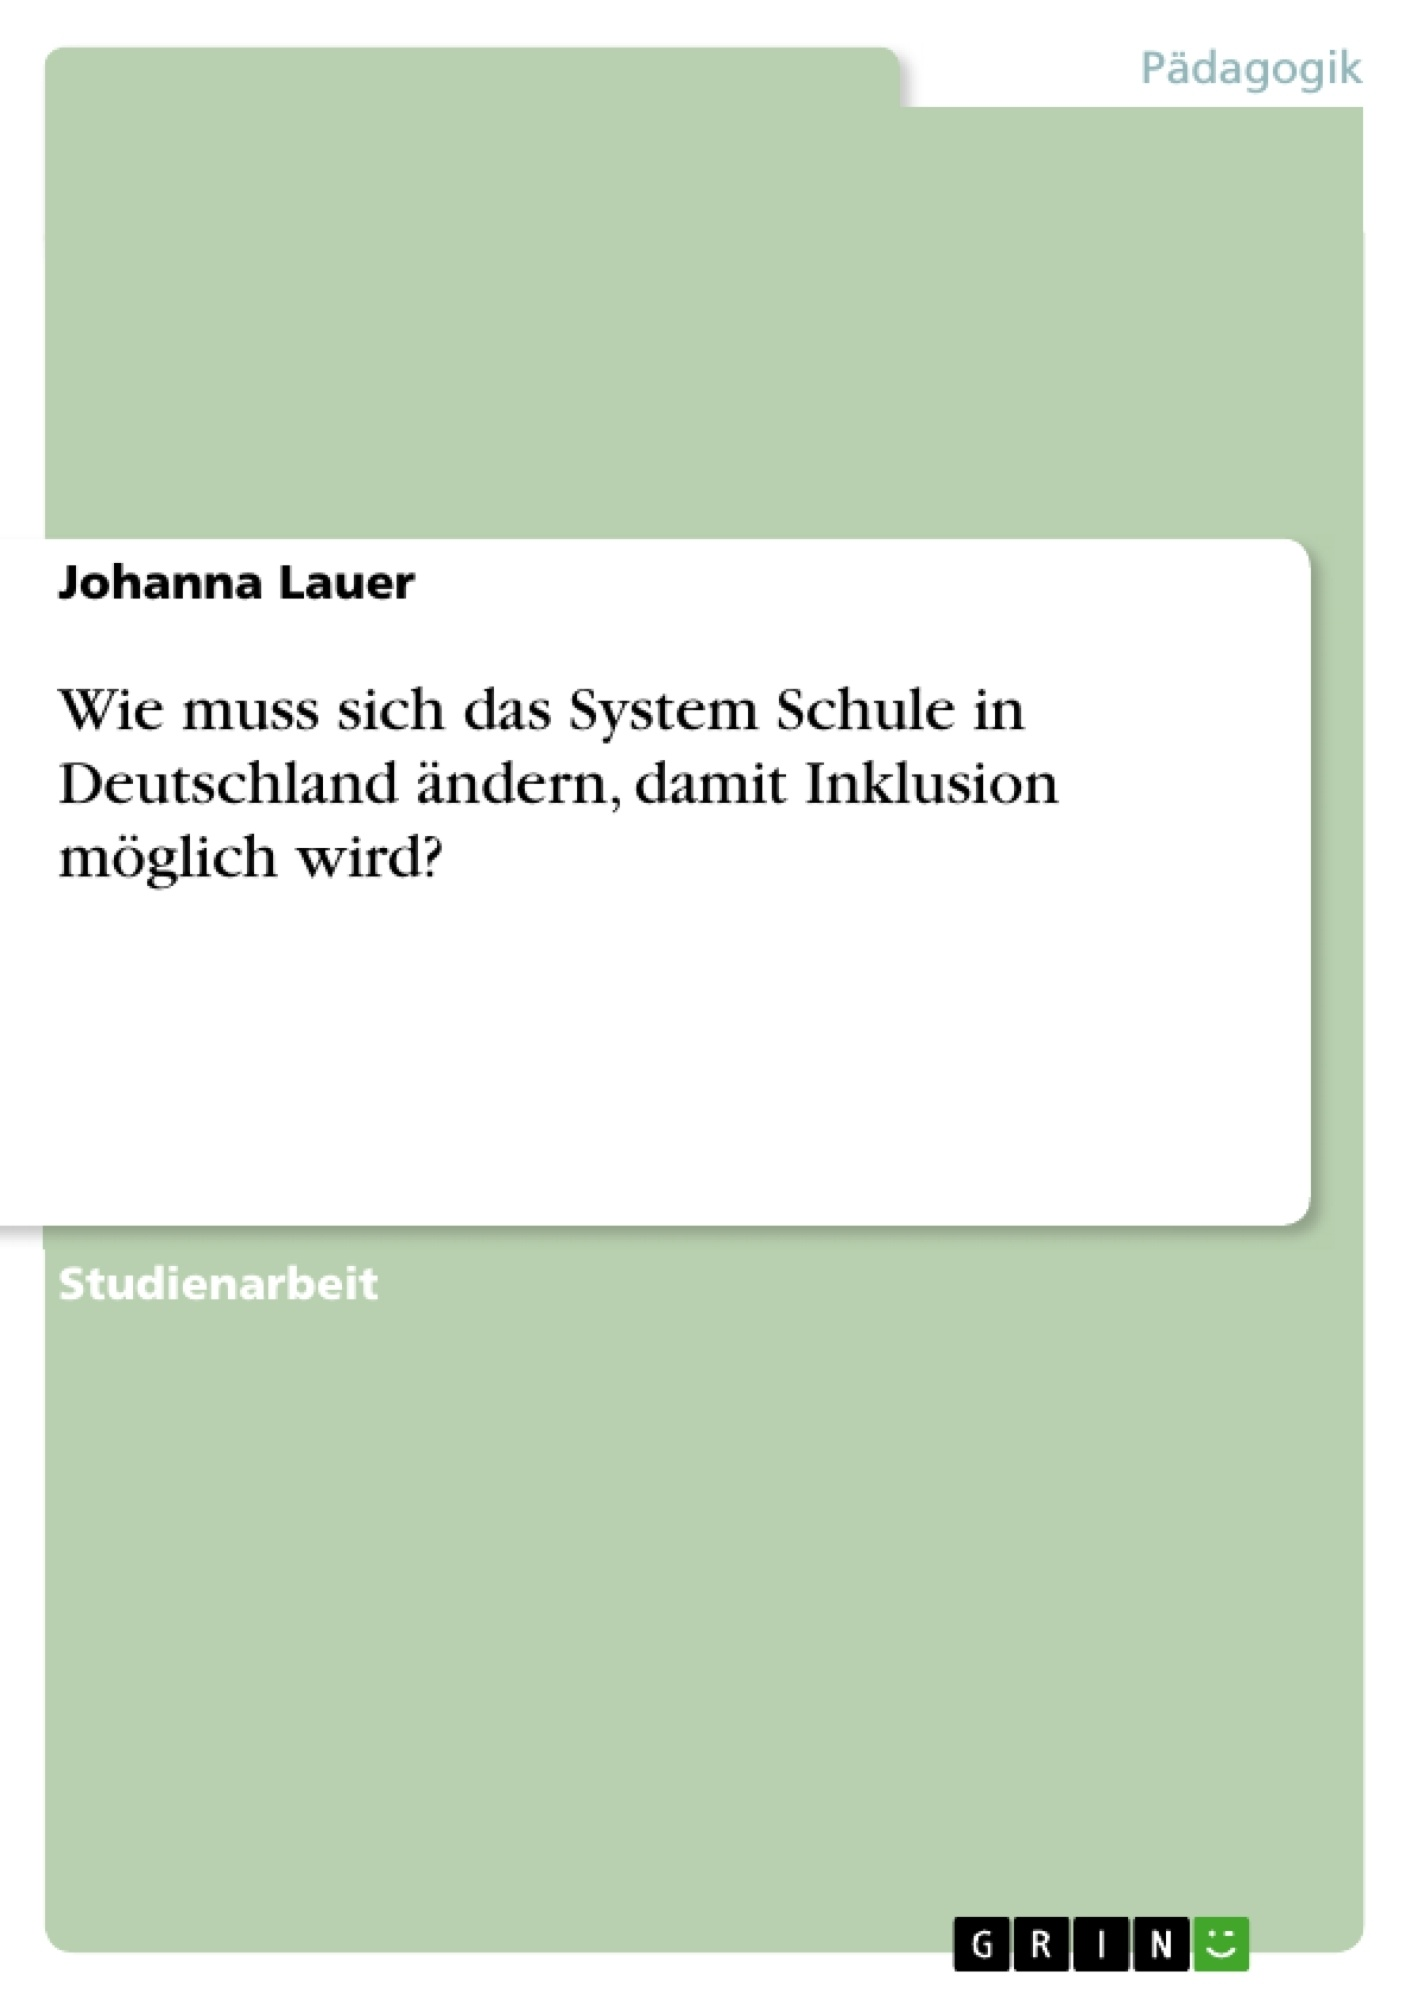 Titel: Wie muss sich das System Schule in Deutschland ändern, damit Inklusion möglich wird?